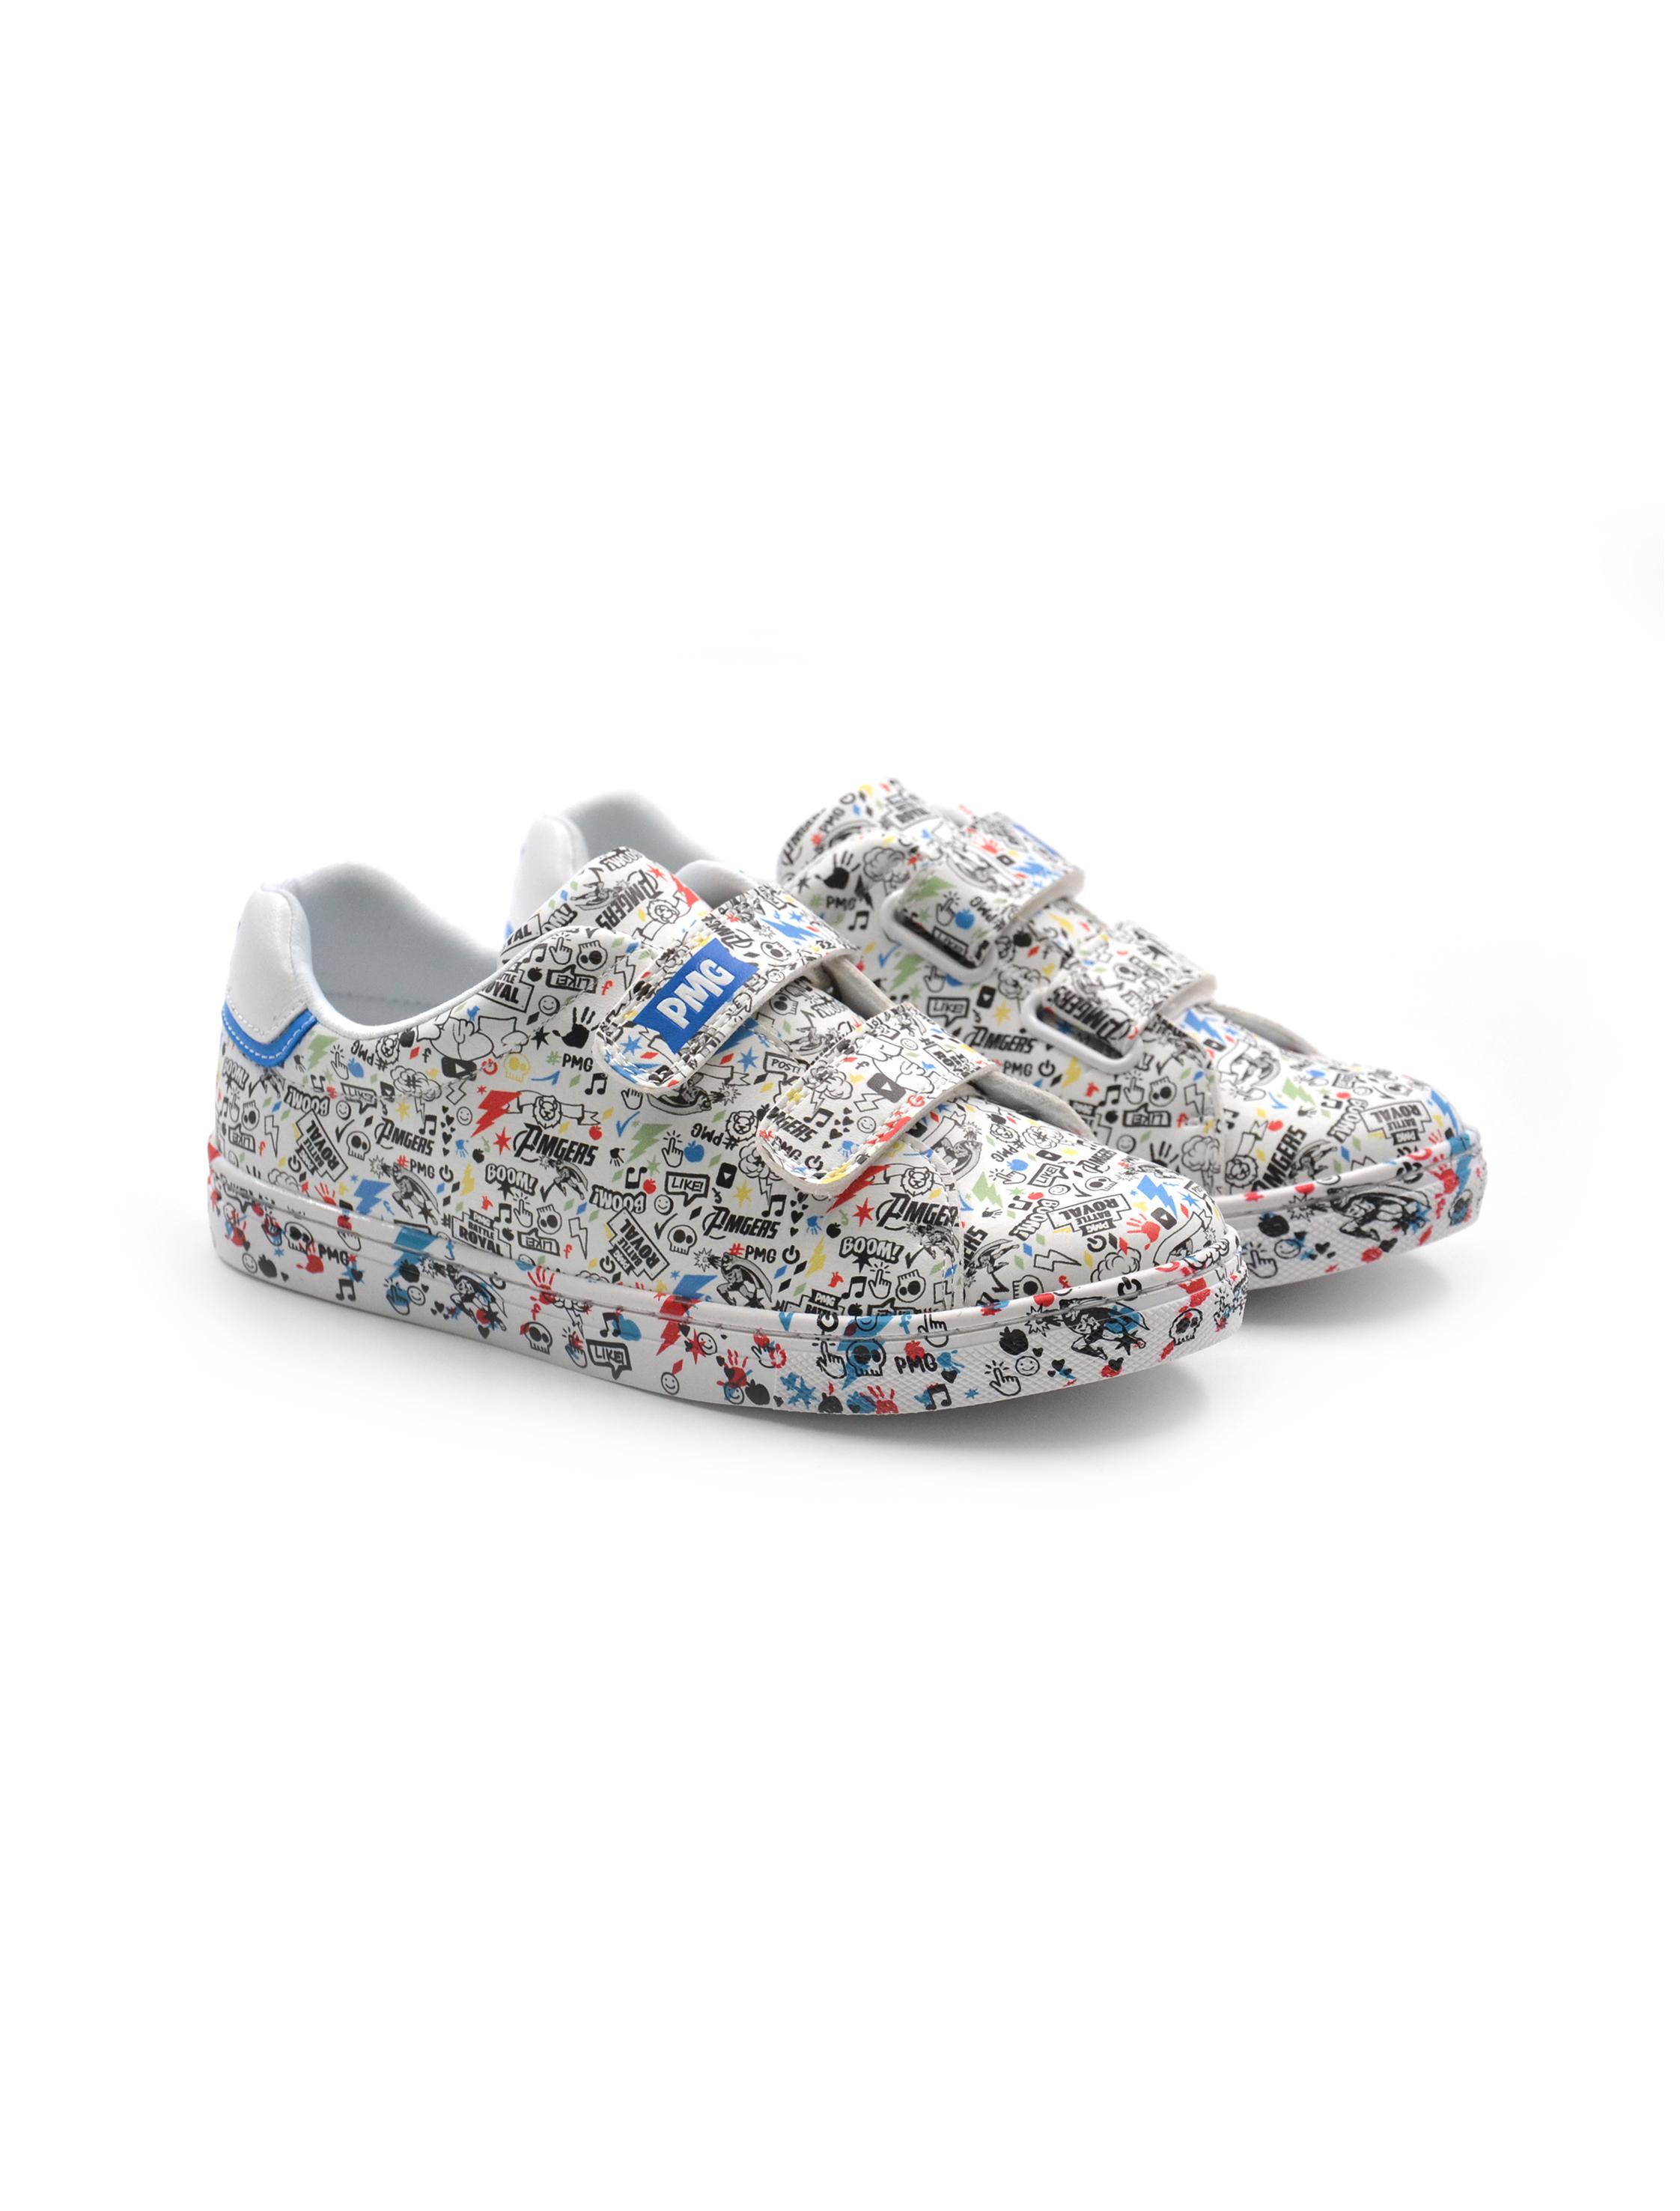 Primigi sneaker da bimbo fantasia, Sneakers, colore Bianco